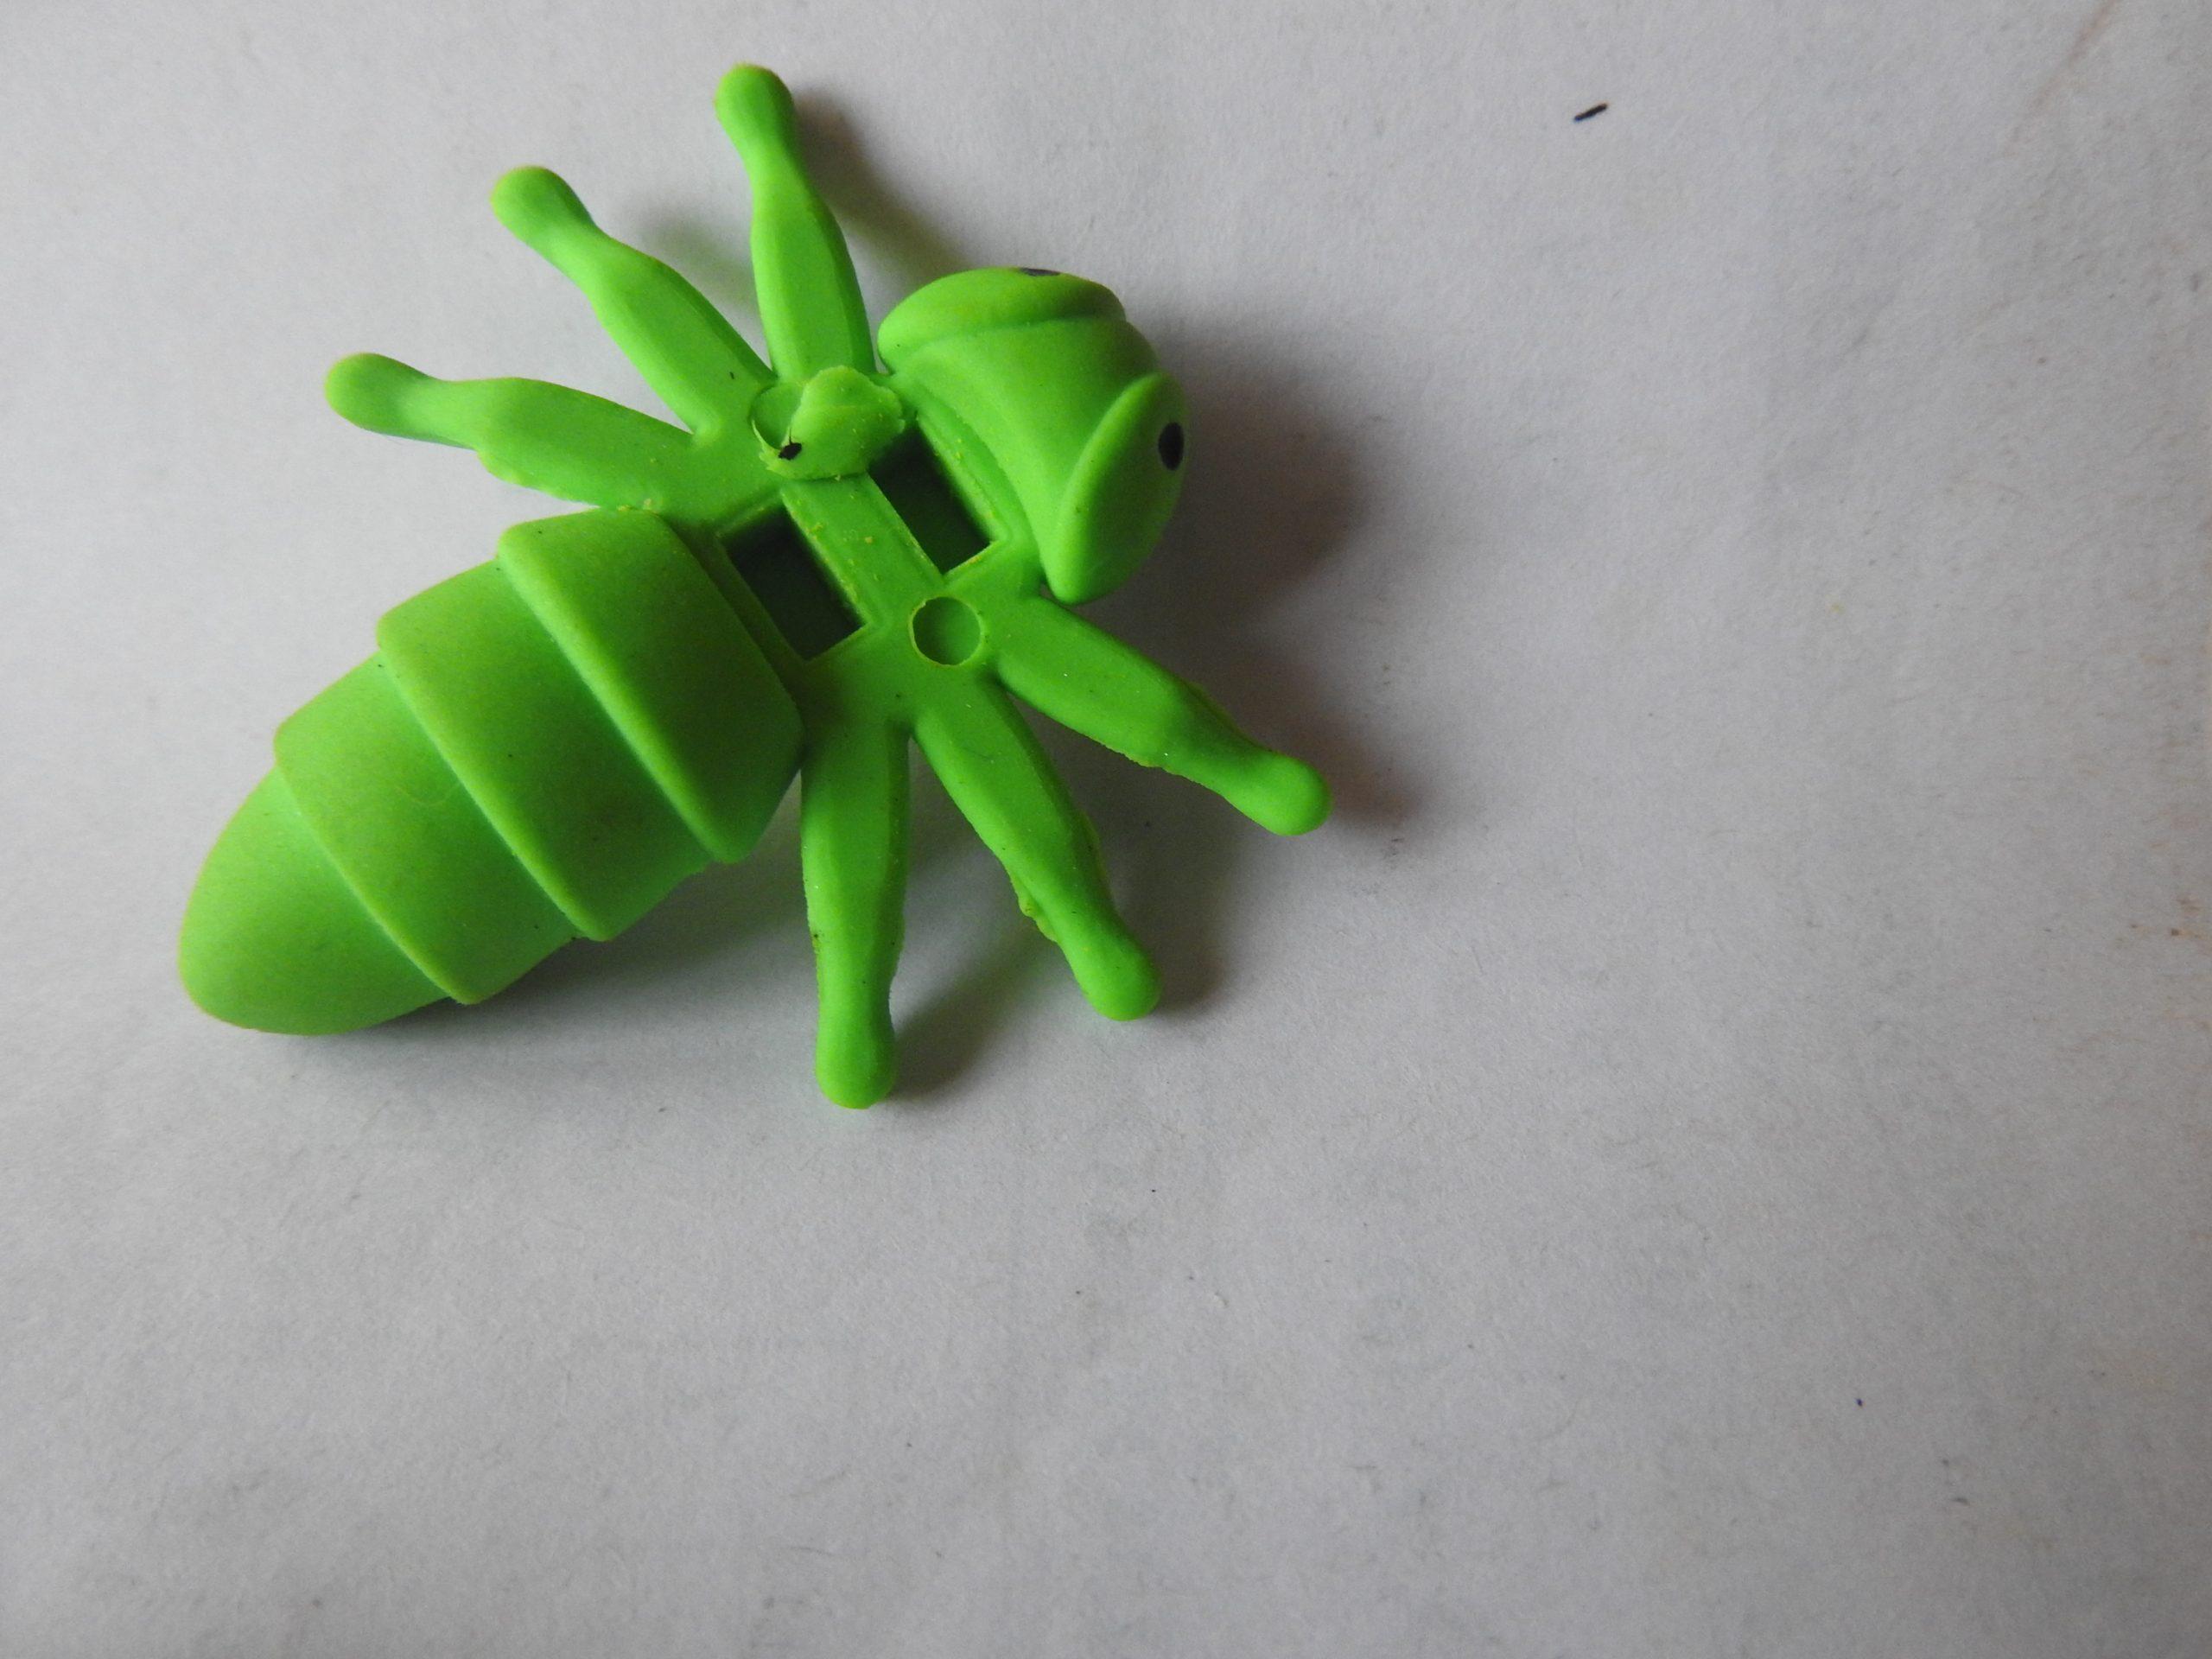 A bug like rubber